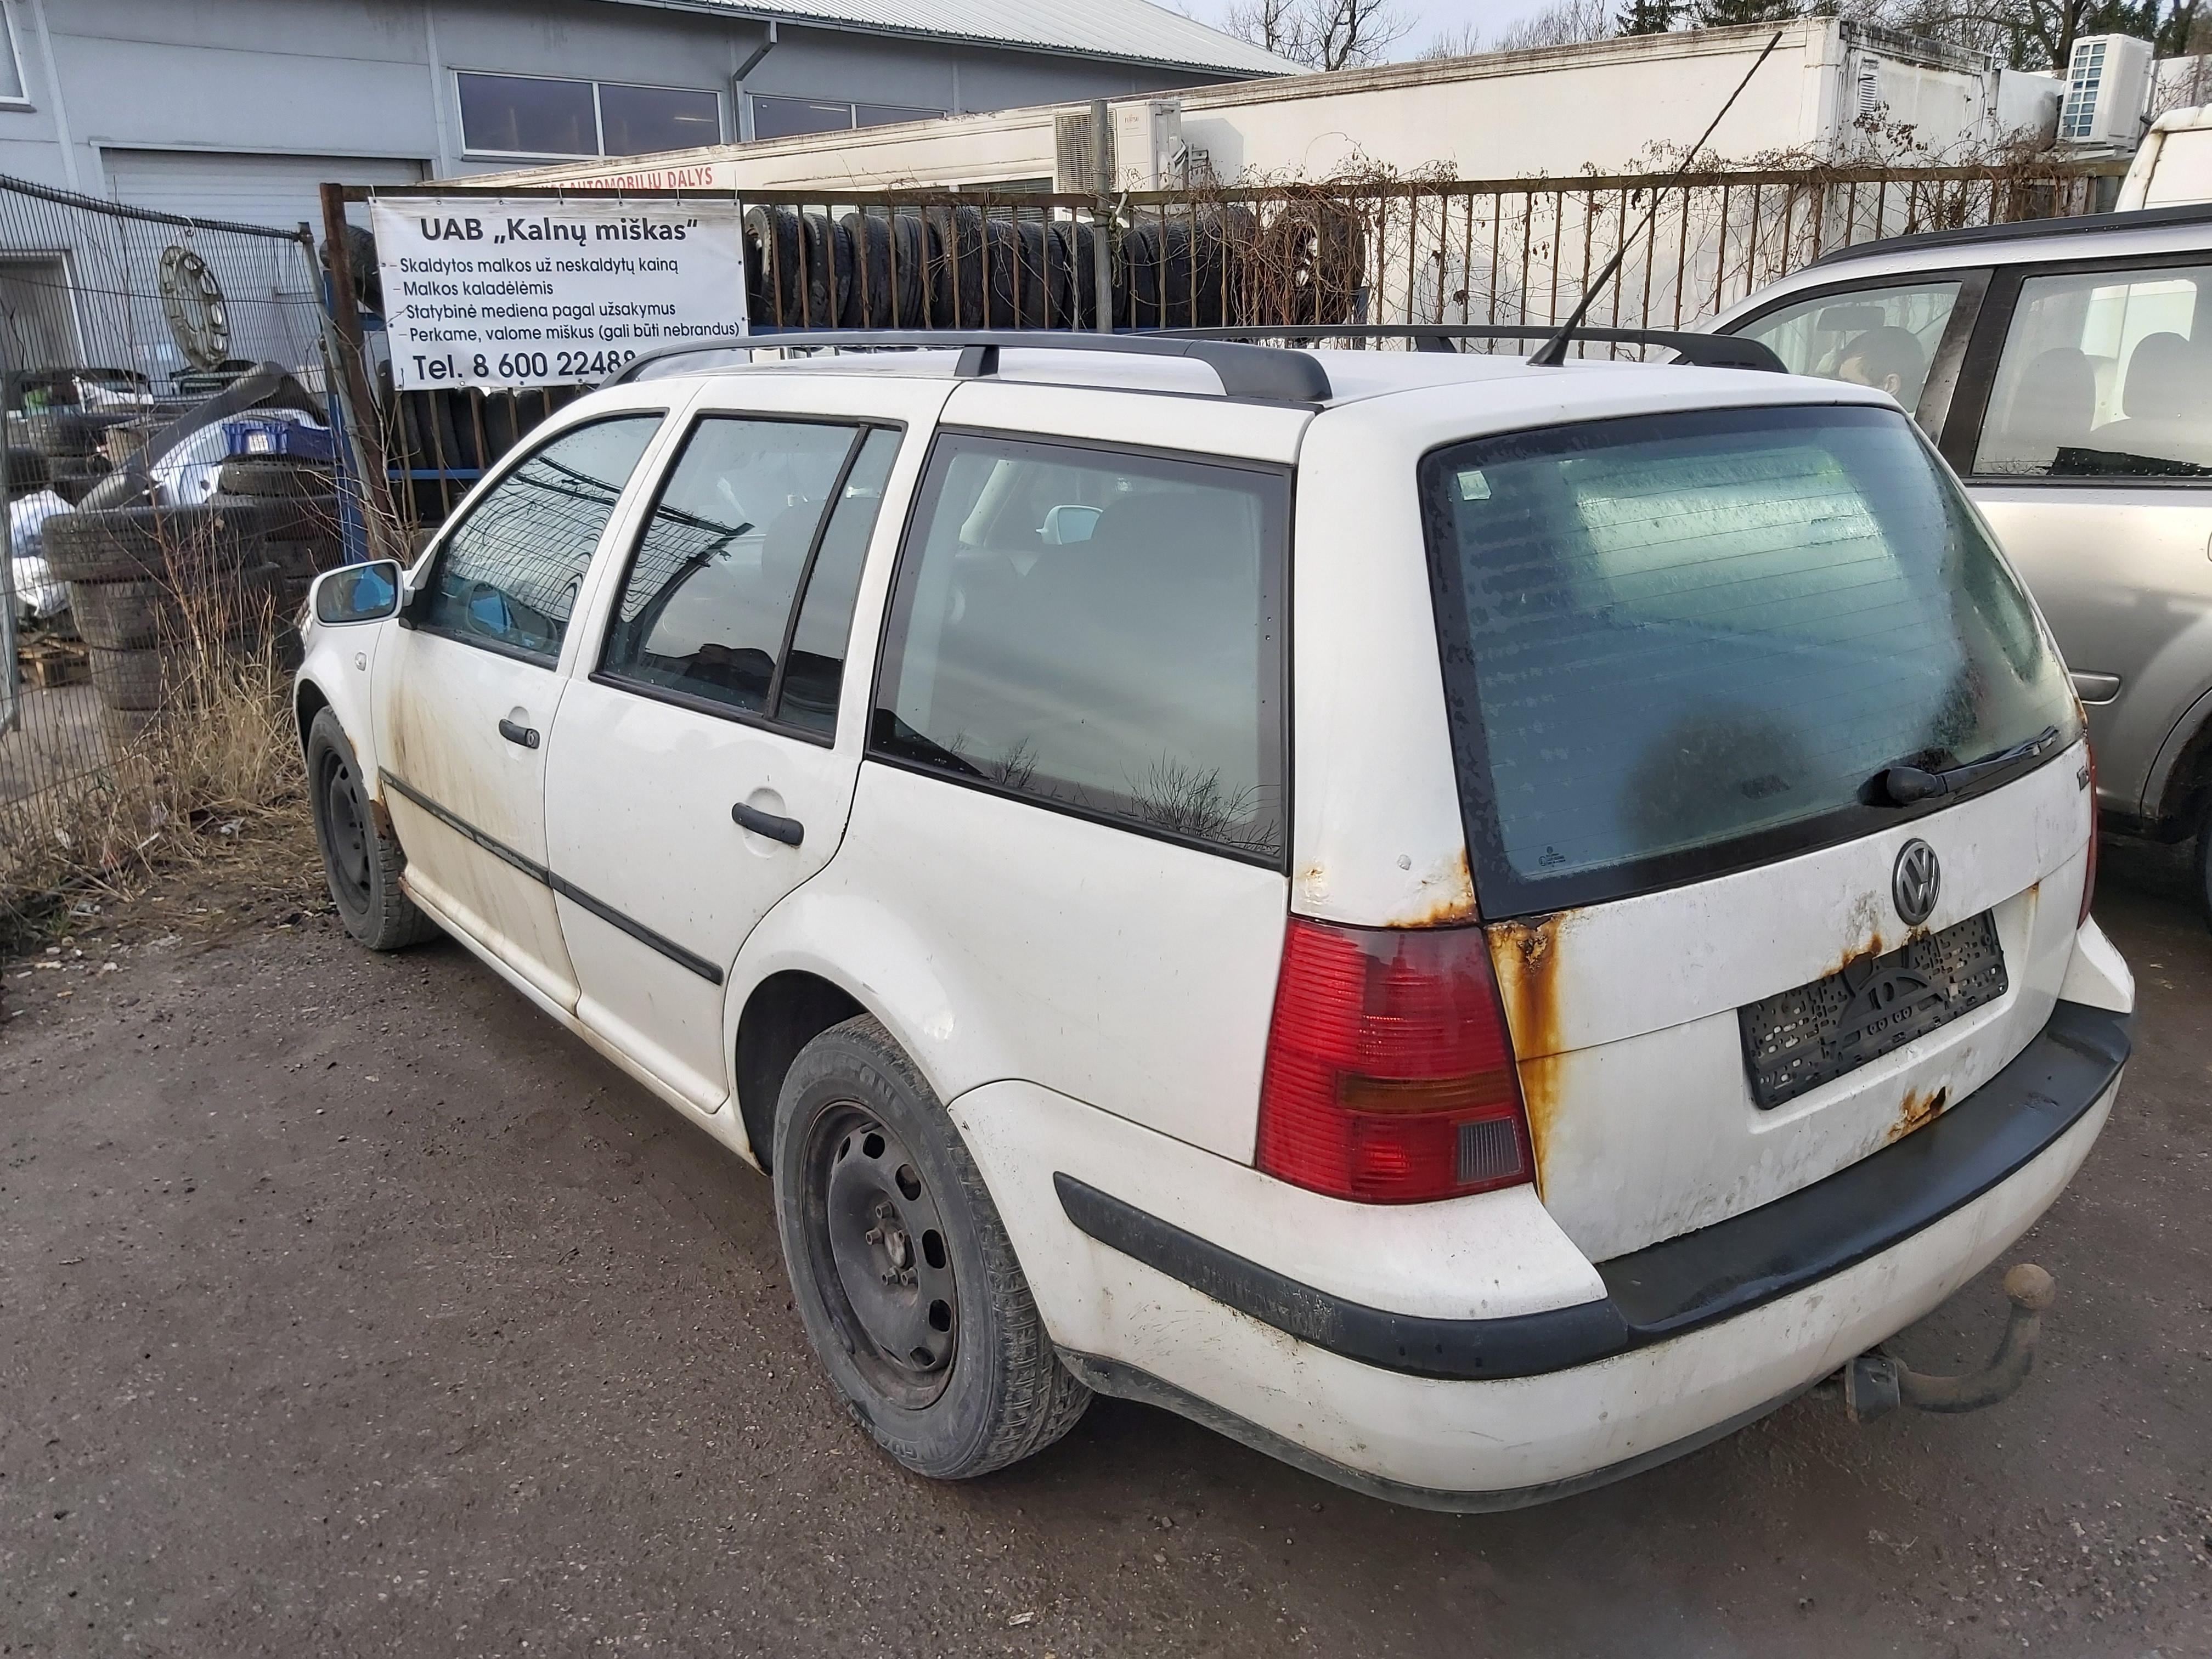 Подержанные Автозапчасти Foto 7 Volkswagen GOLF 2000 1.9 машиностроение универсал 4/5 d. белый 2020-2-14 A5072